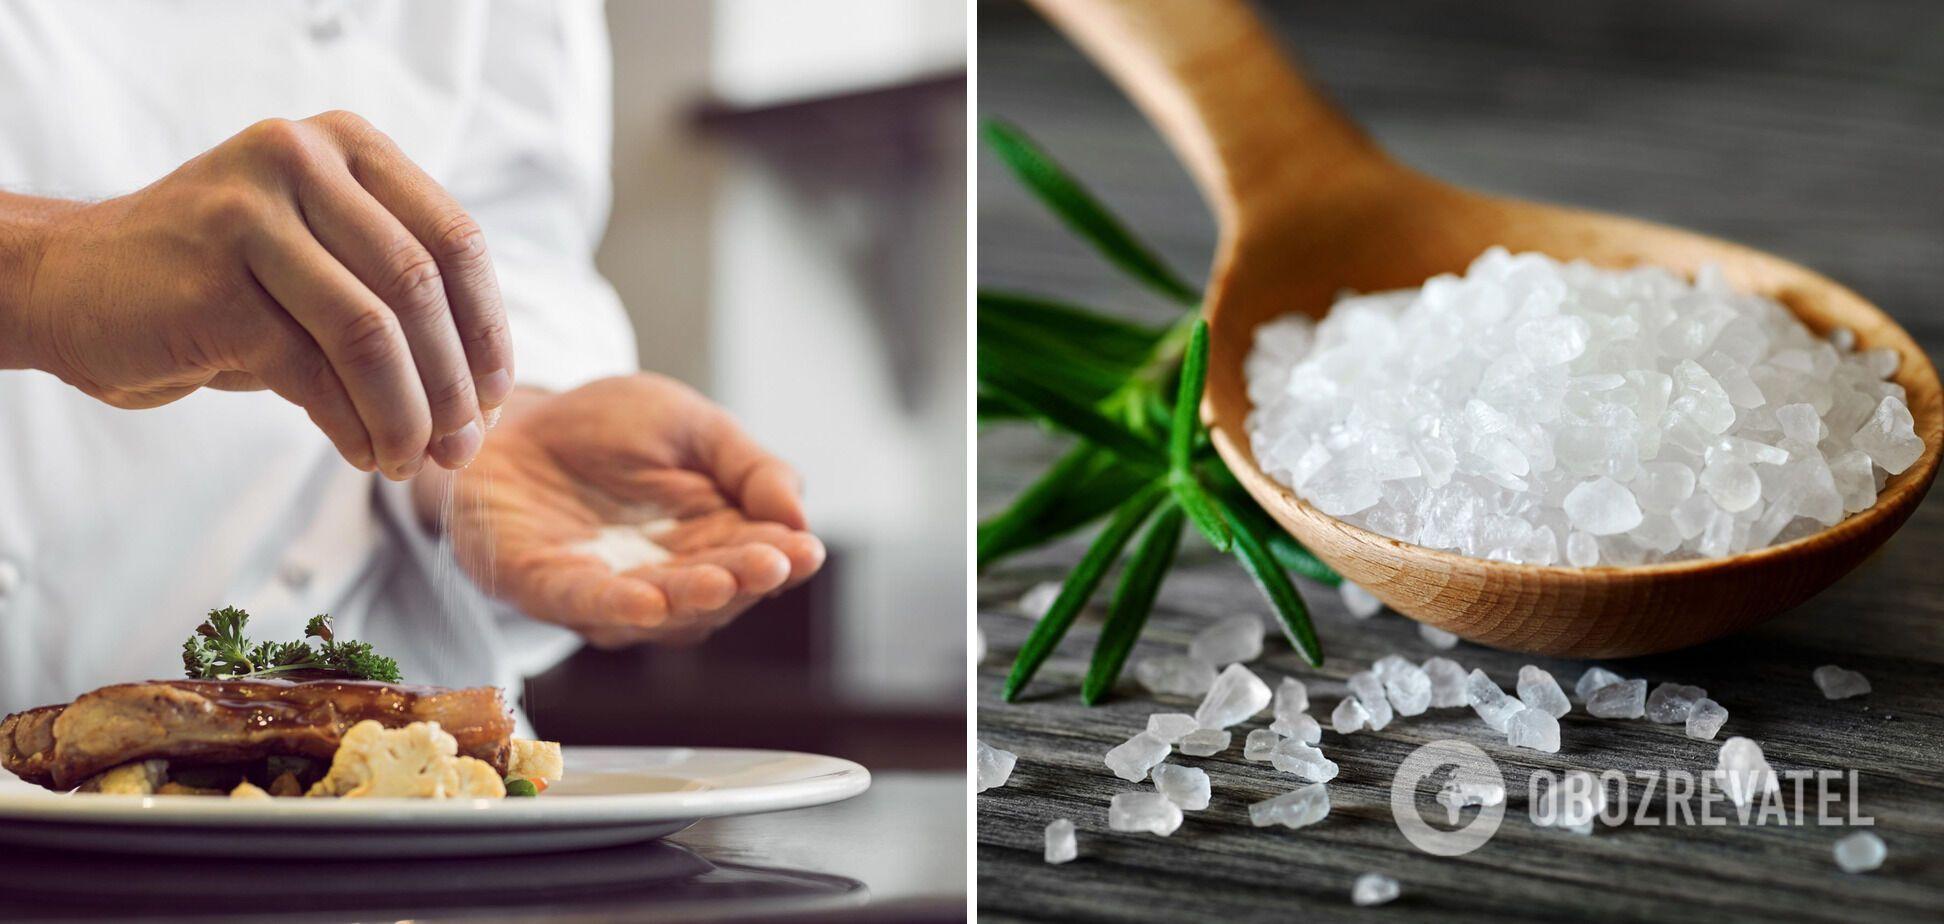 Соль и похудение: превращаем 'врага' в 'друга'